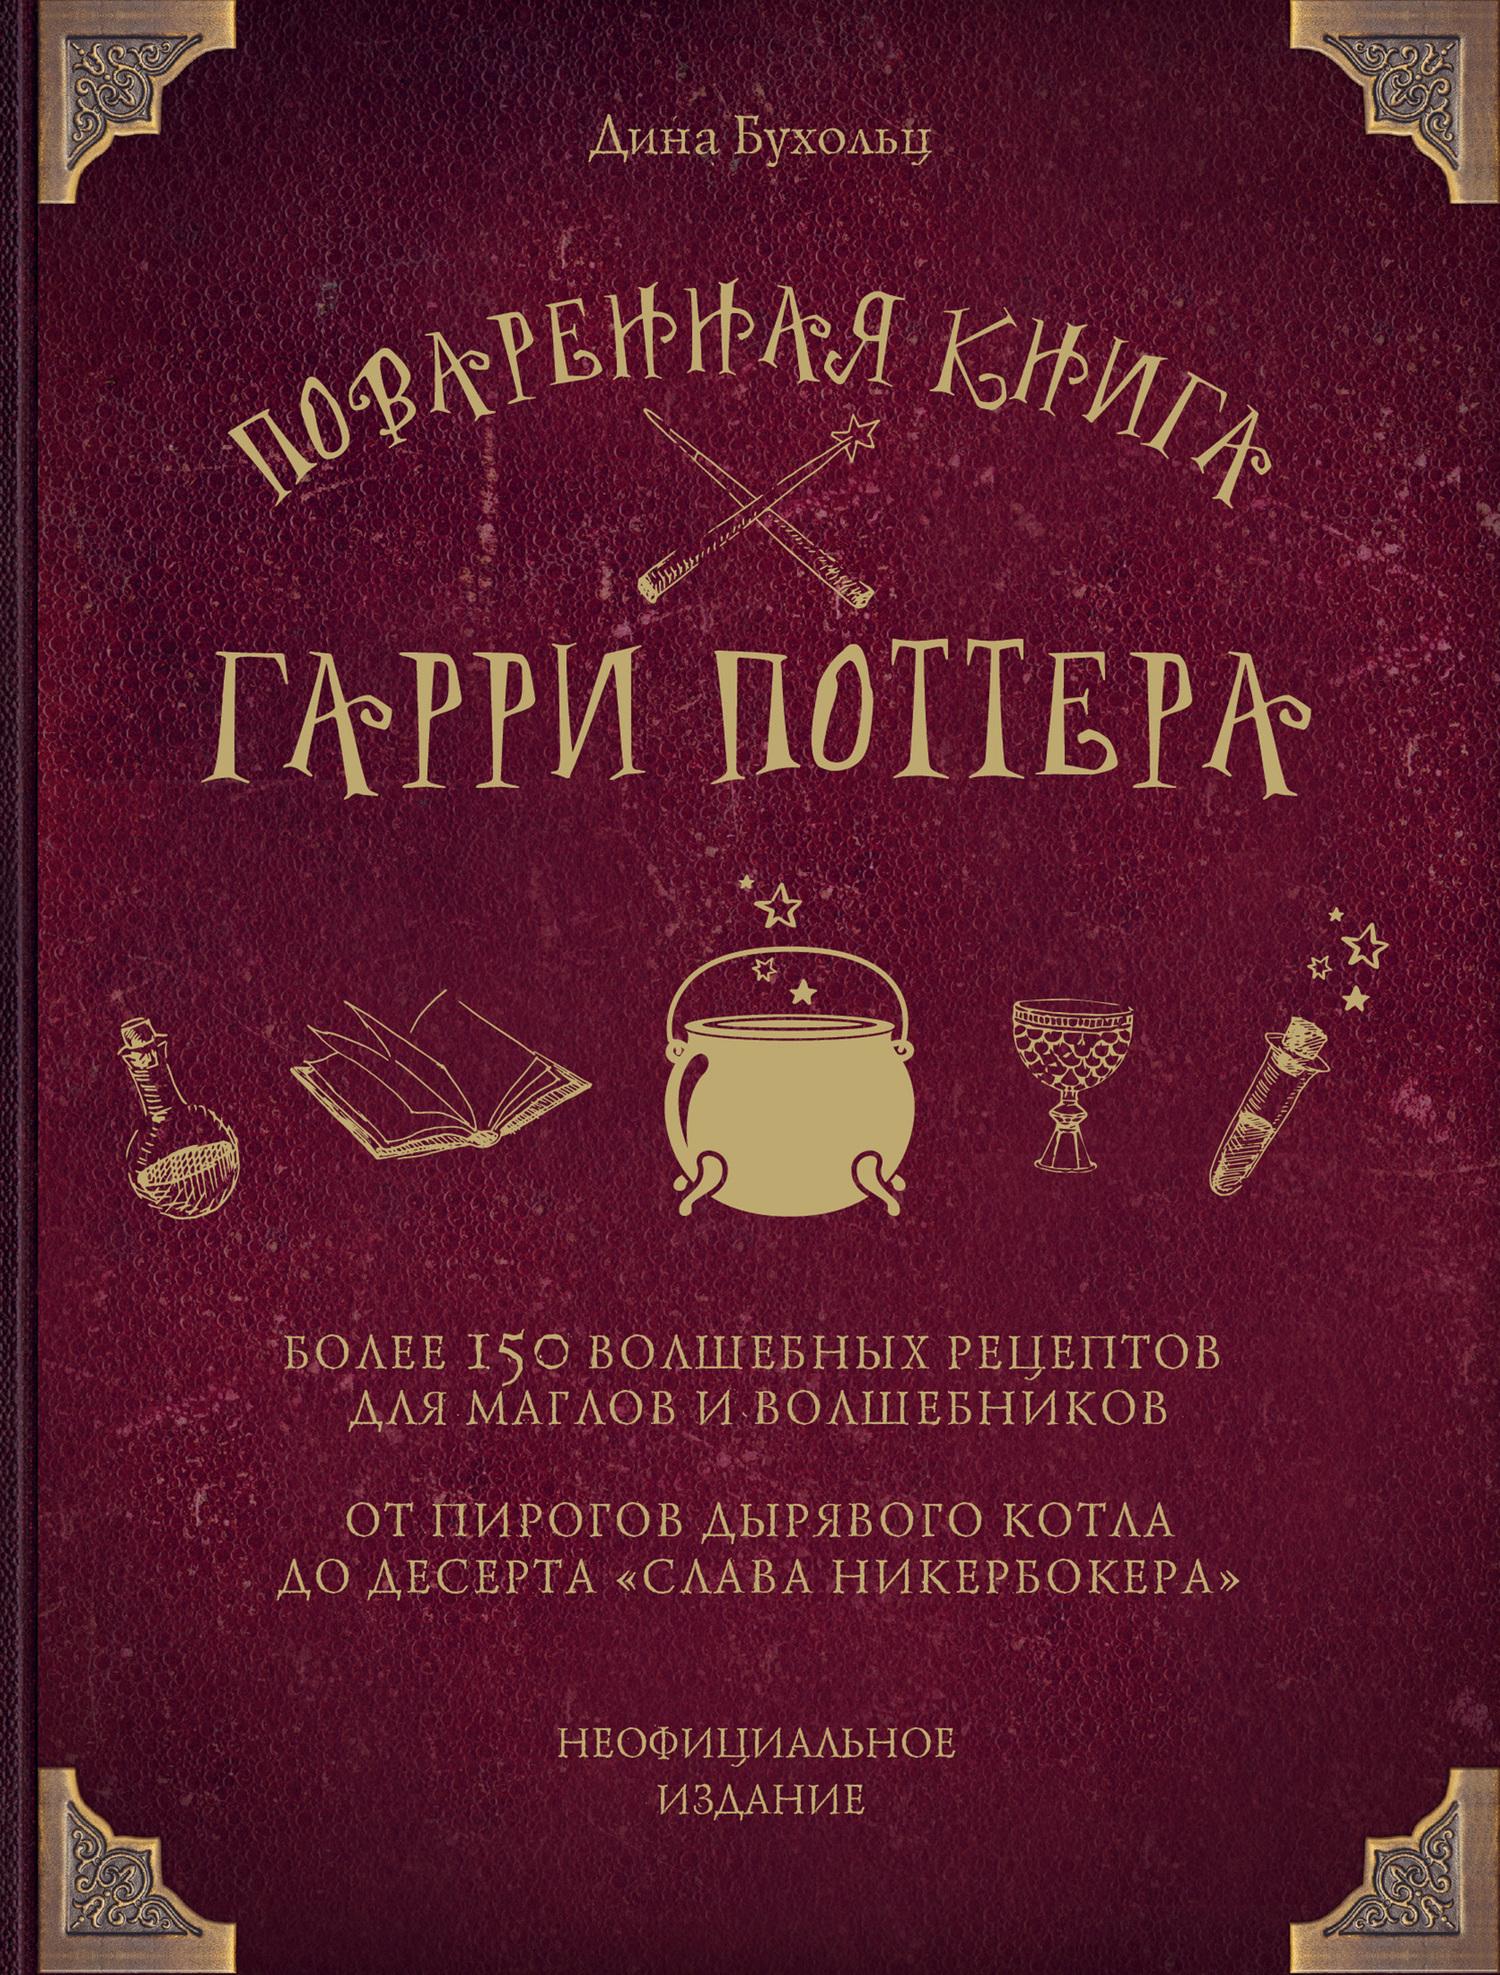 Дина Бухольц - Поваренная книга Гарри Поттера. Более 150 волшебных рецептов для маглов и волшебников